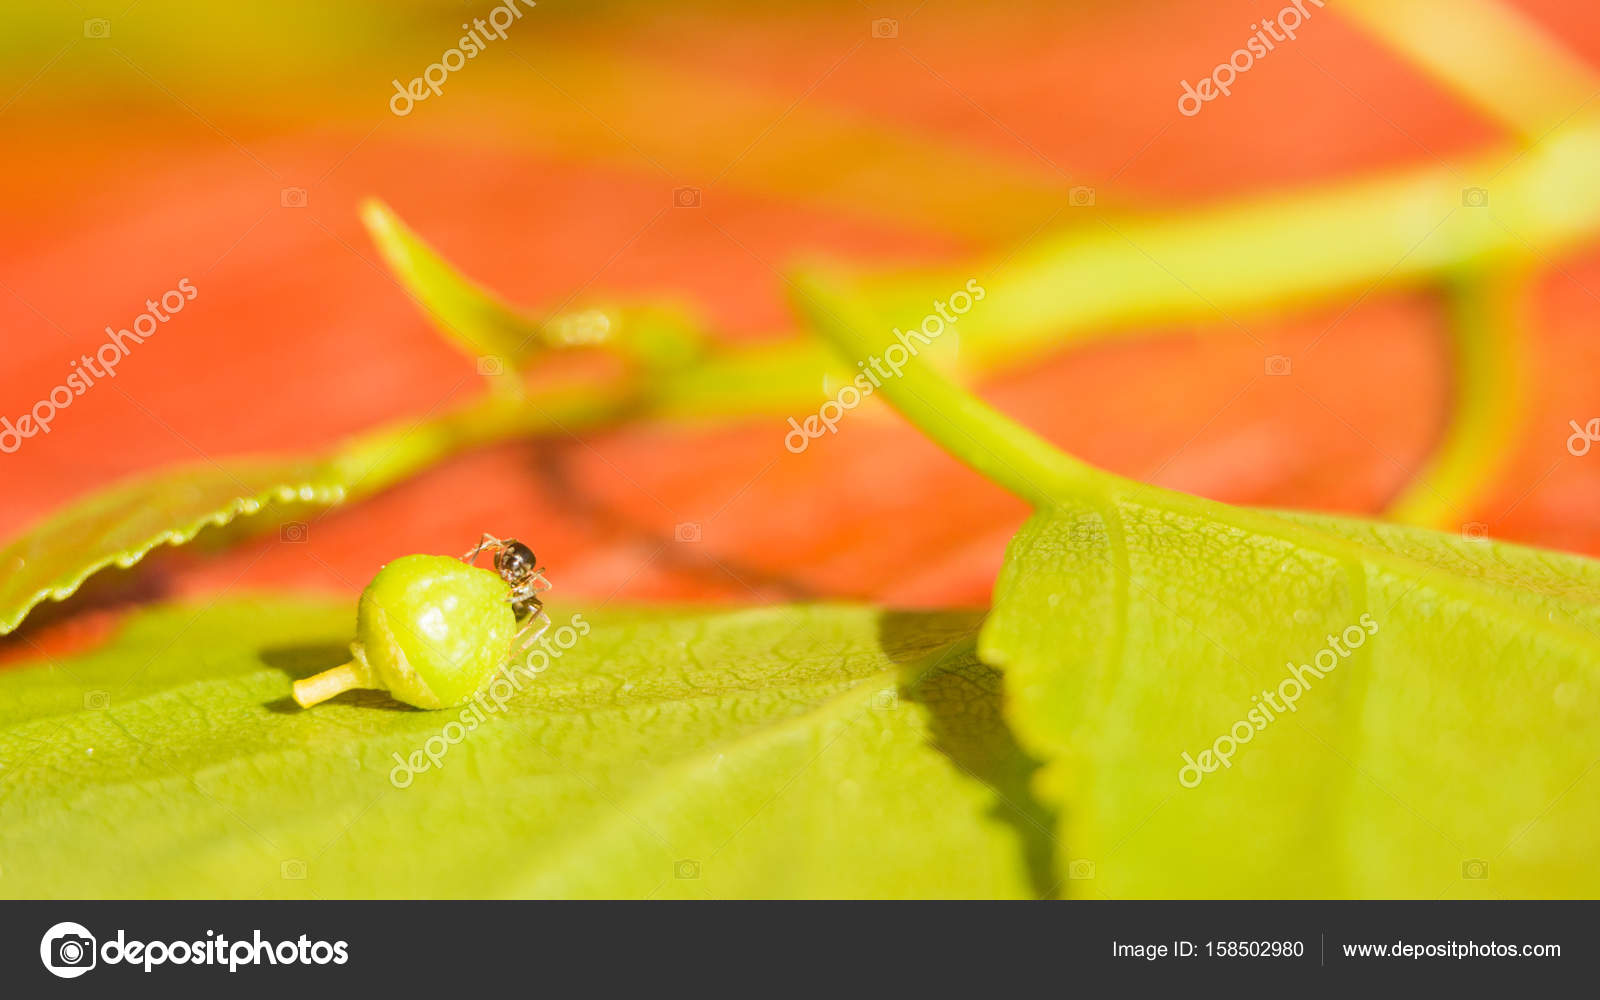 La hormiga sobre la hoja verde arrastra la semilla. Protección del ...